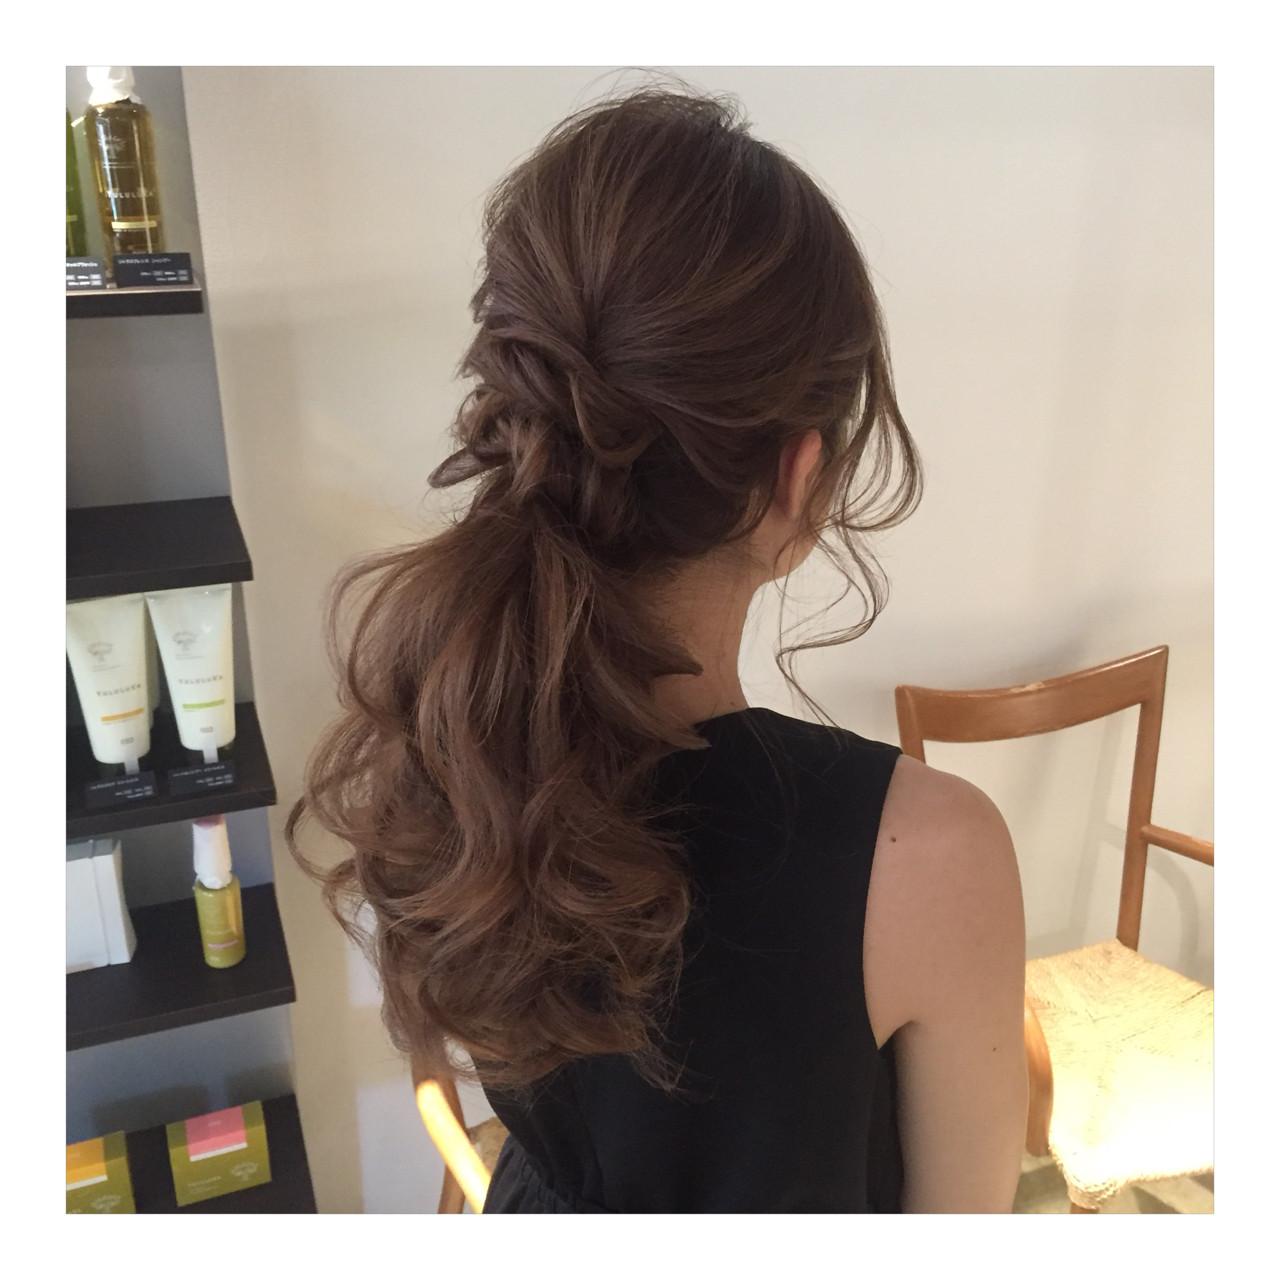 ポニーテール 結婚式 ロング ヘアアレンジ ヘアスタイルや髪型の写真・画像